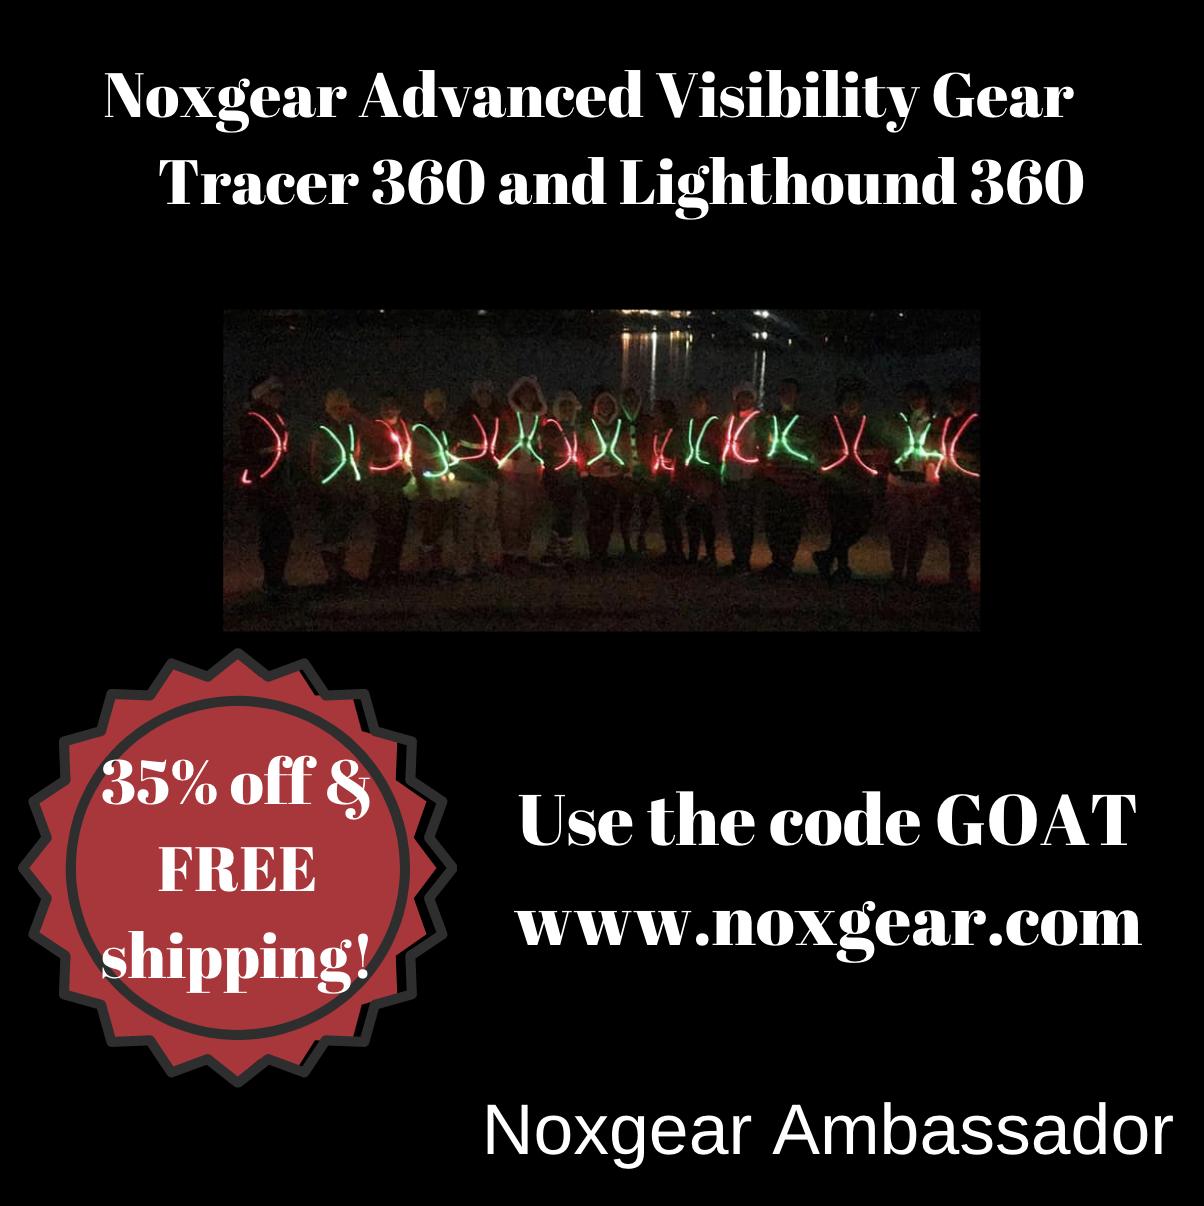 Noxgear Ambassador